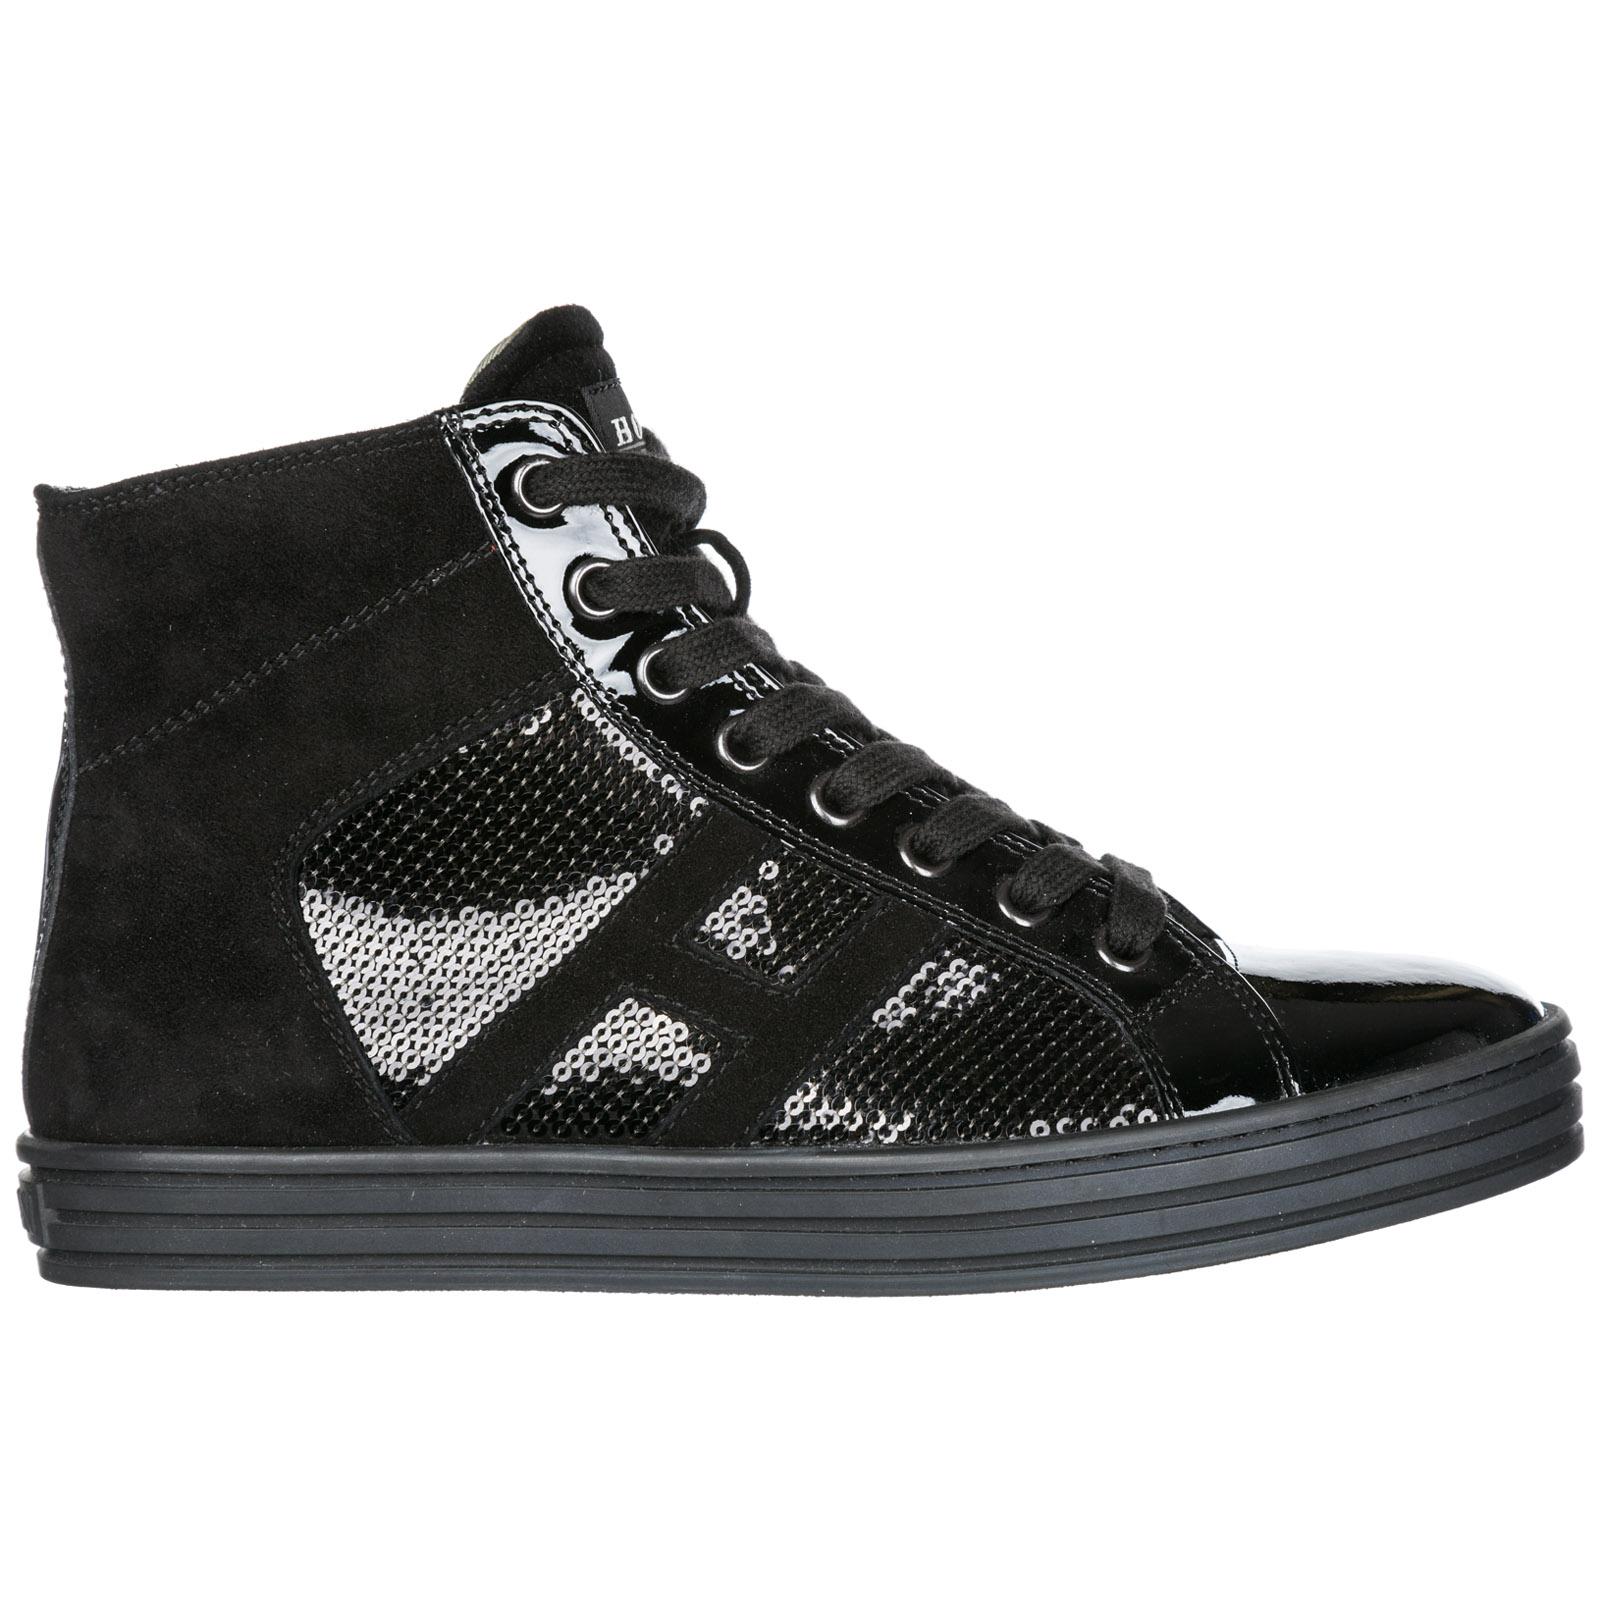 18a40cfb7993 Damenschuhe damen wildleder schuhe high sneakers r141 ...